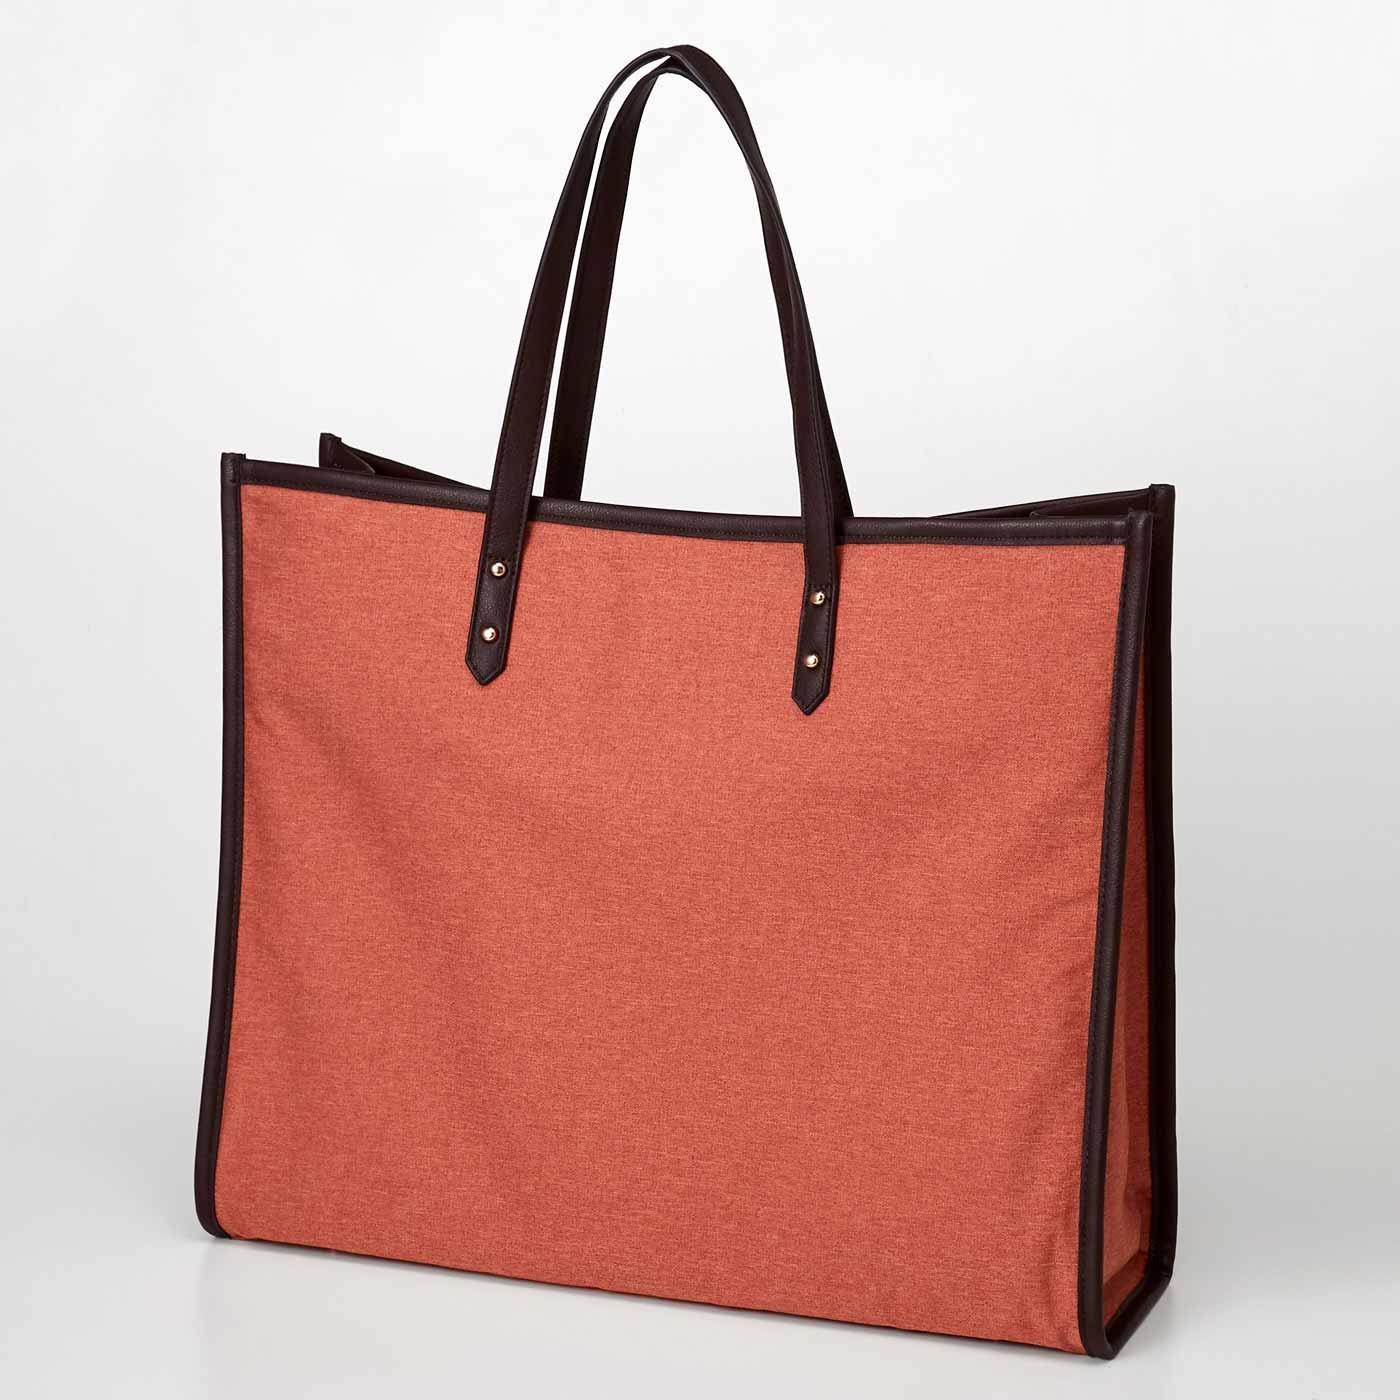 【3~10日でお届け】 OSYAIRO ジャンボうちわが入るパイピングトートバッグ〈オレンジ〉